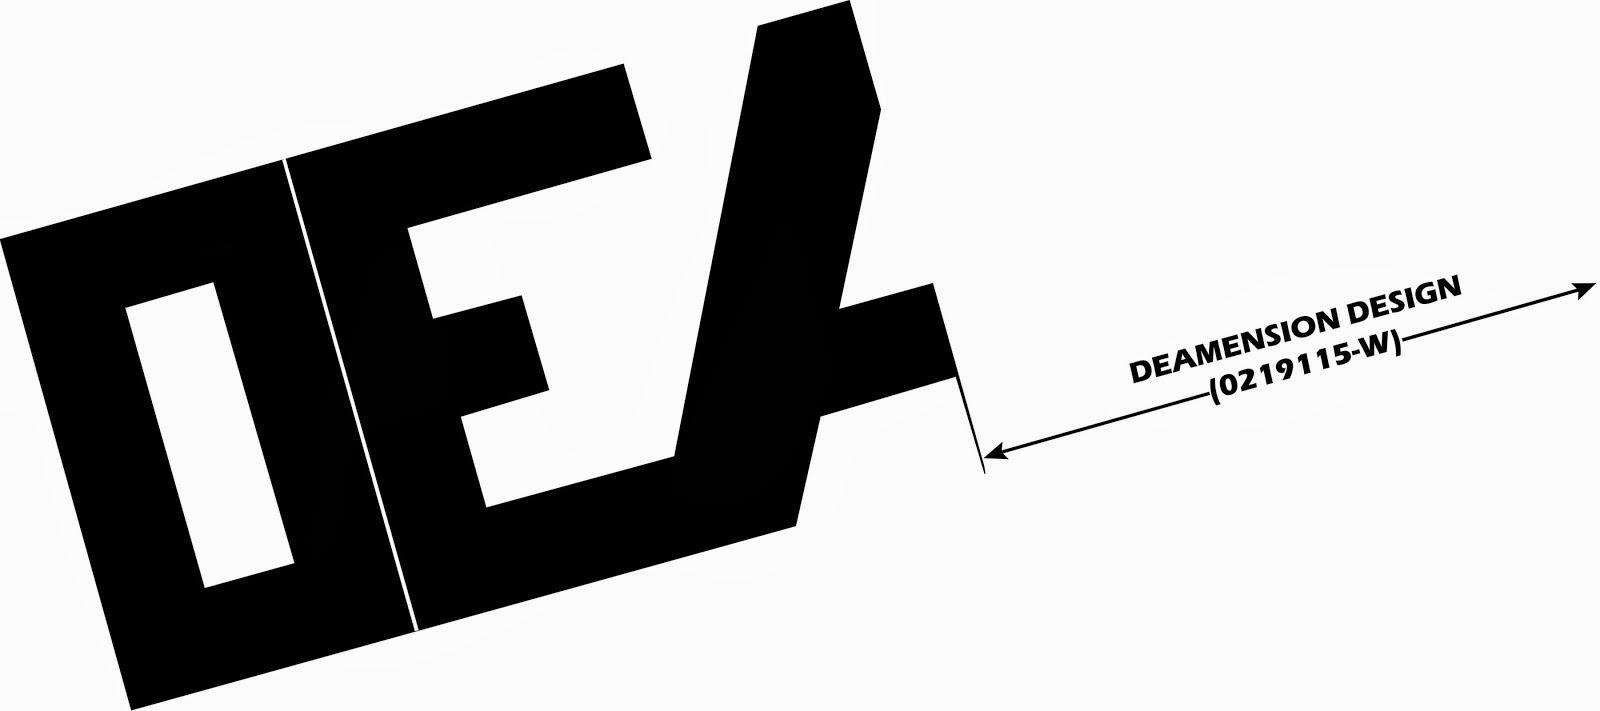 DEAmension Design